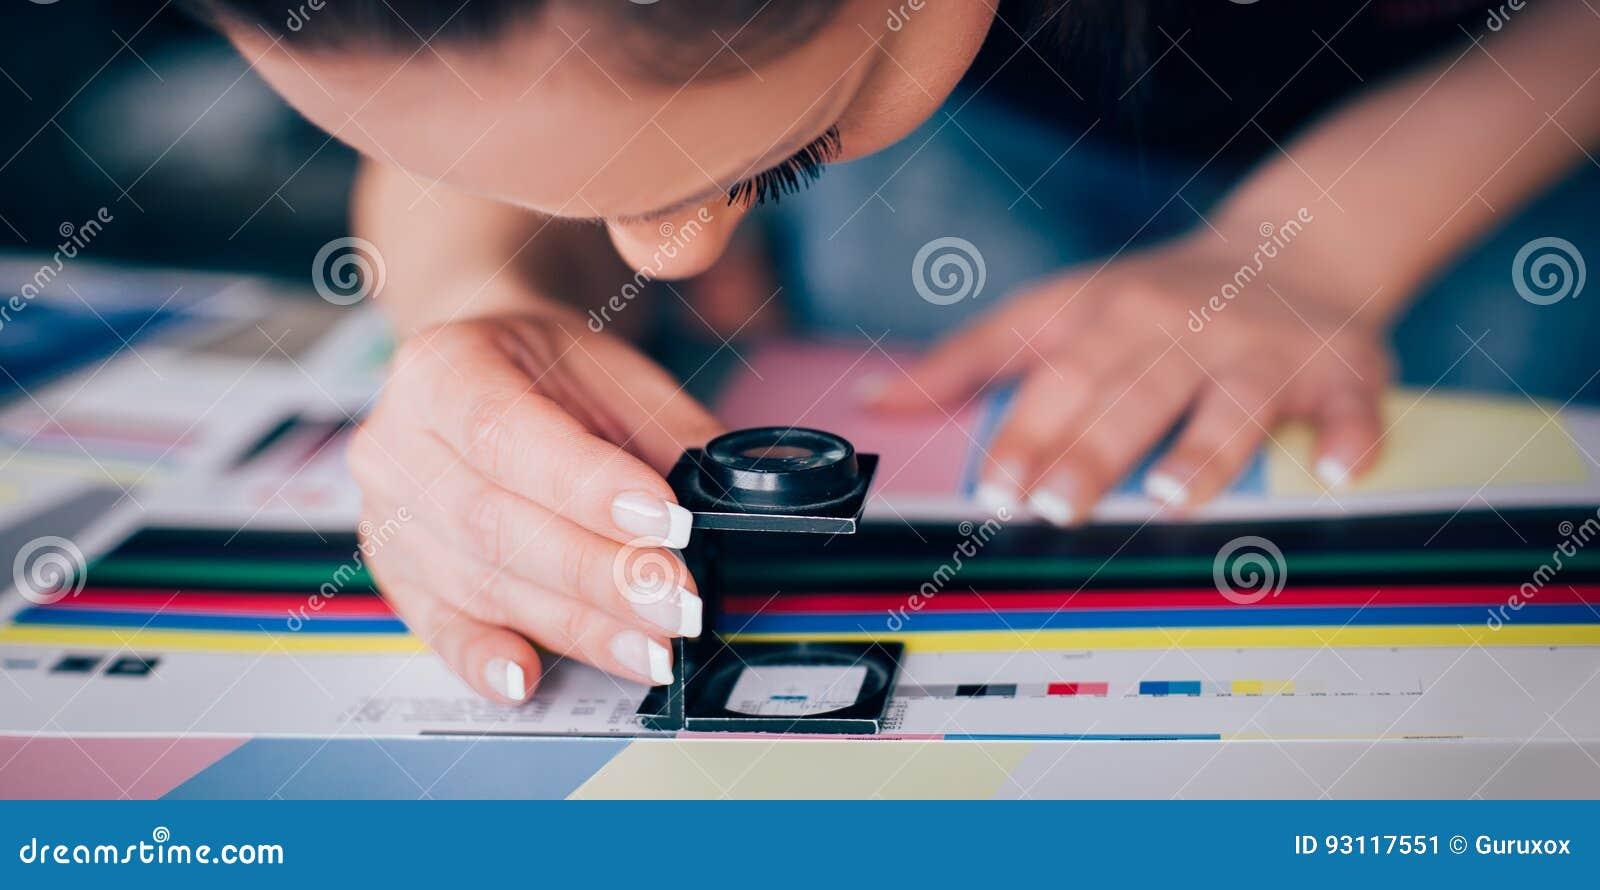 Arbetare i printing och centar bruk för press ett förstoringsglas